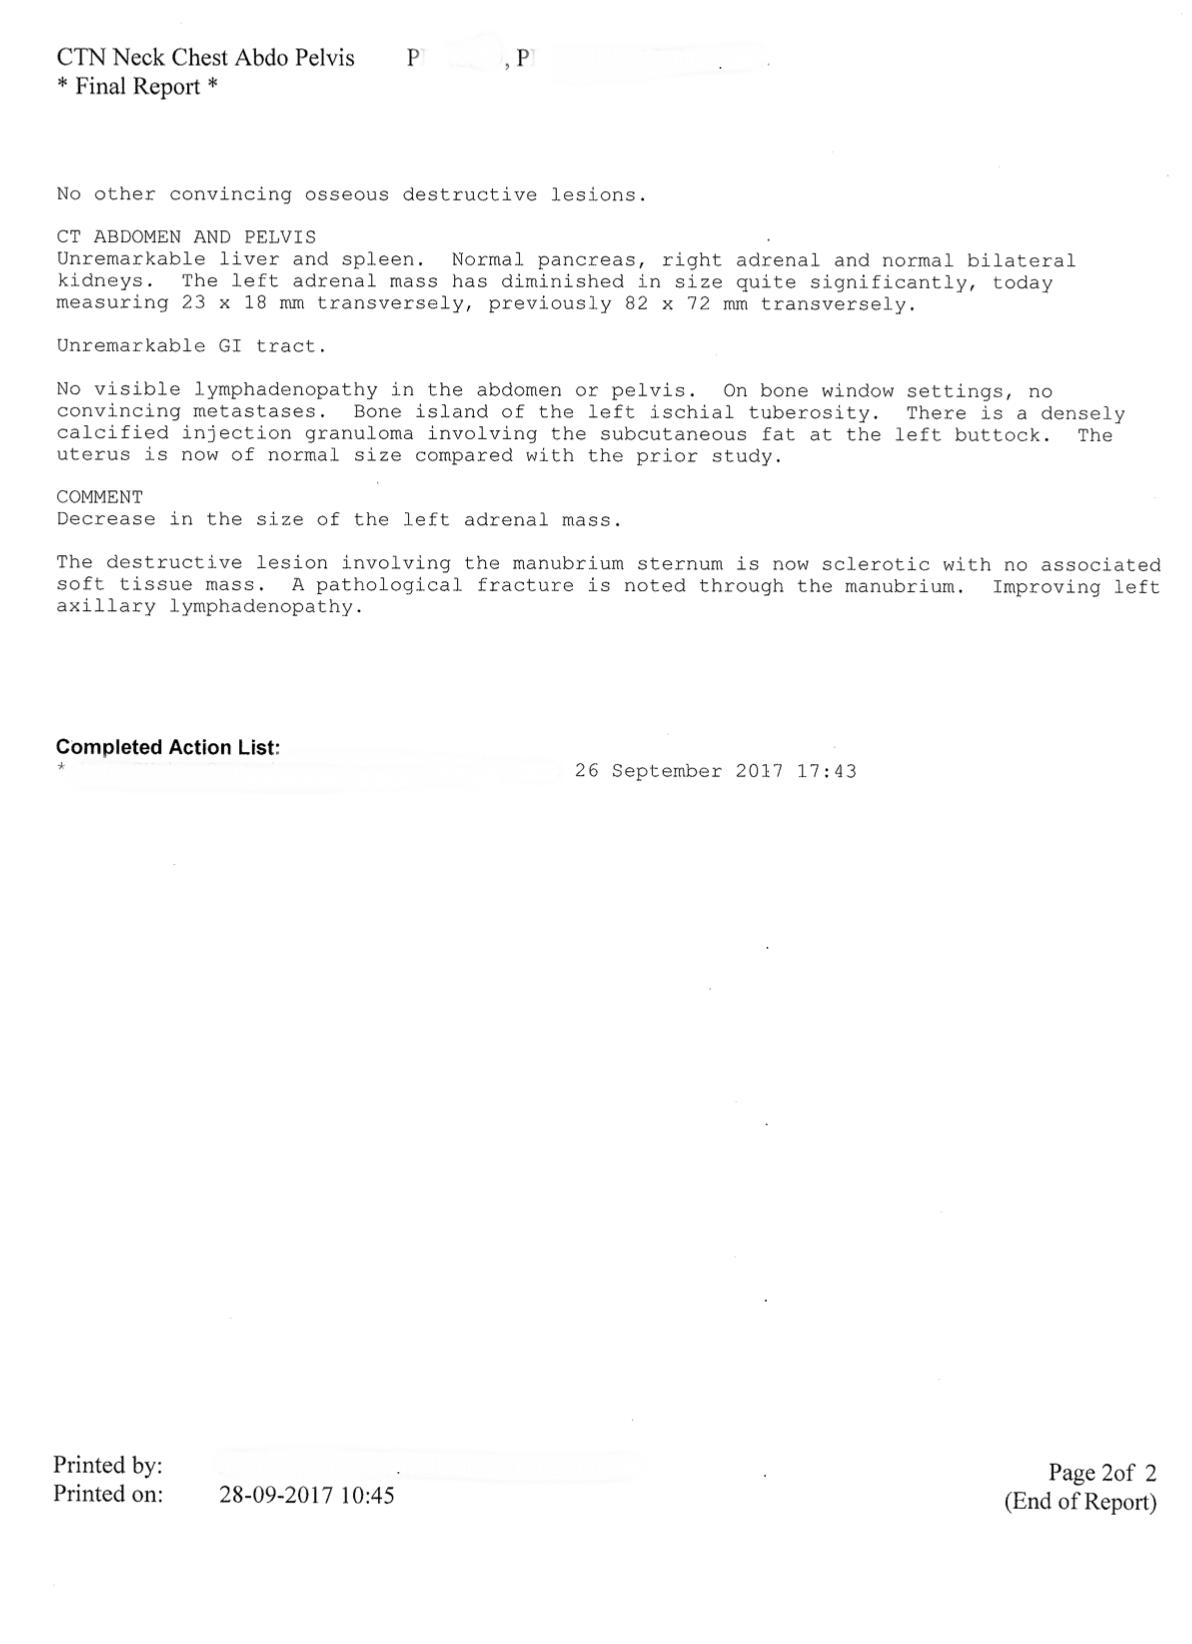 LifEscozul® - P.P. 4 - Cáncer de Mámas